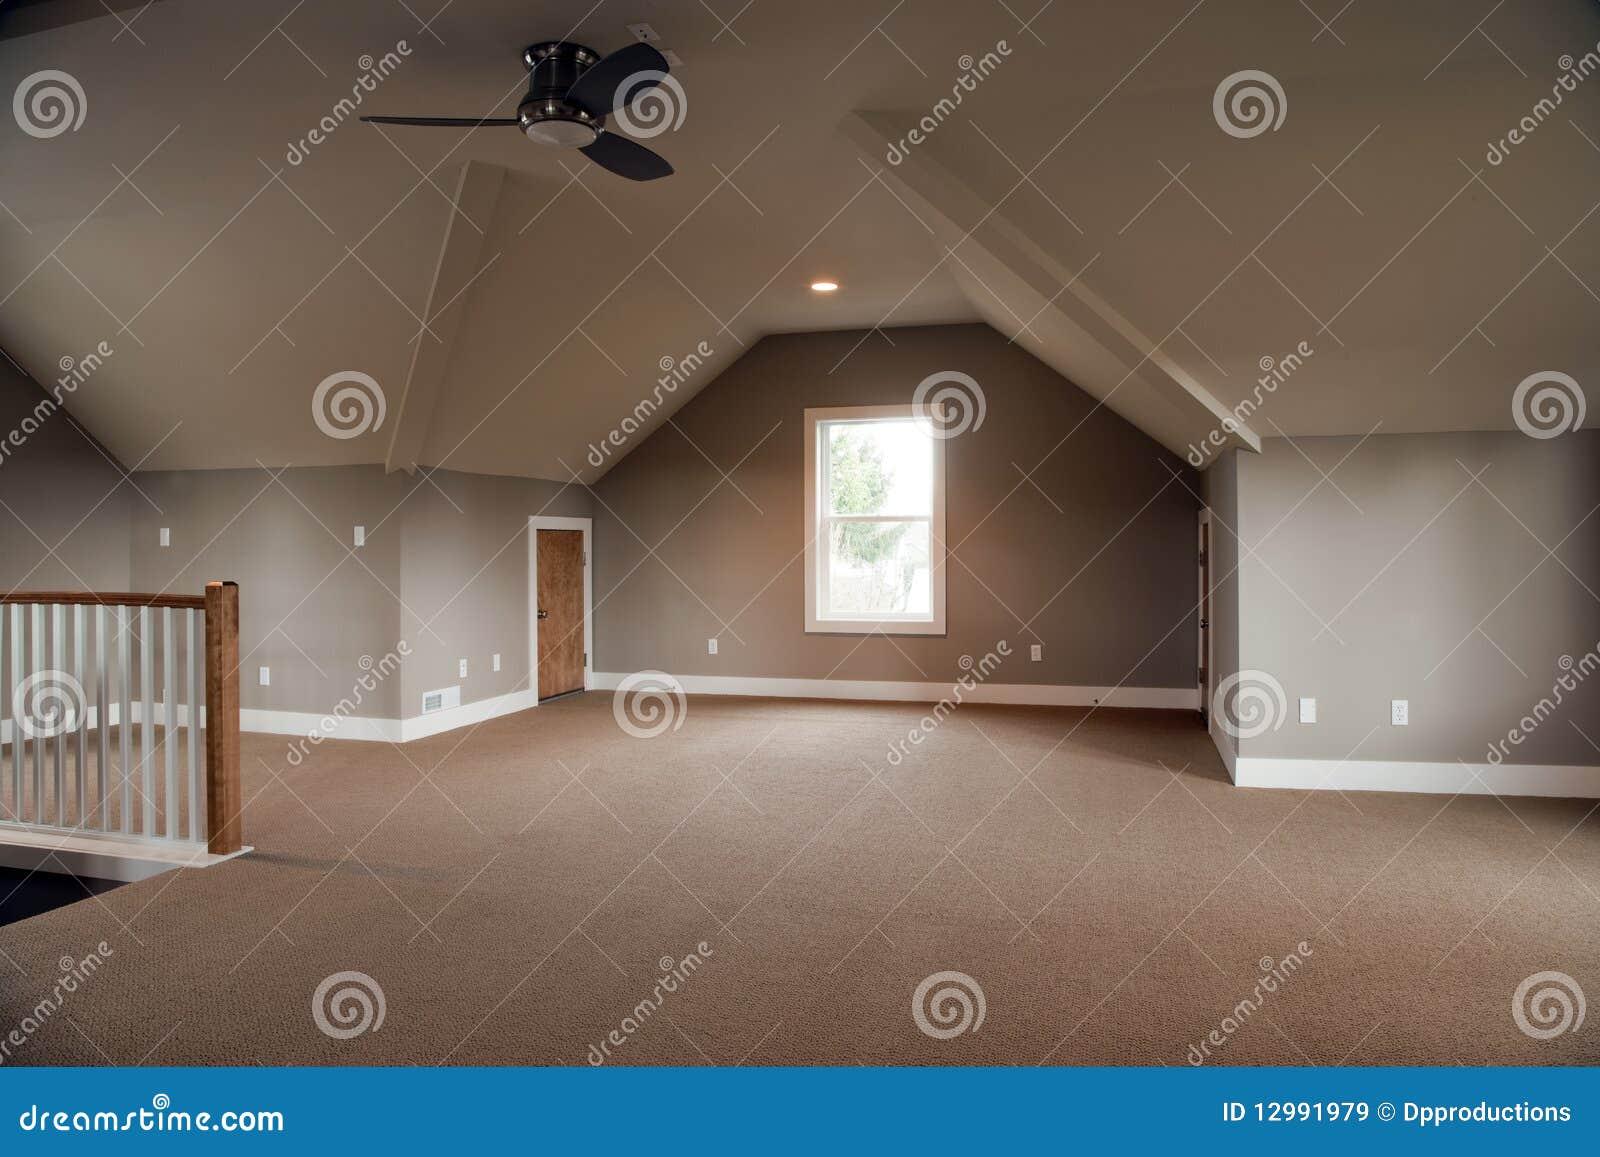 Unfertiger Dachboden stockbild. Bild von gebläse, niemand - 12991979